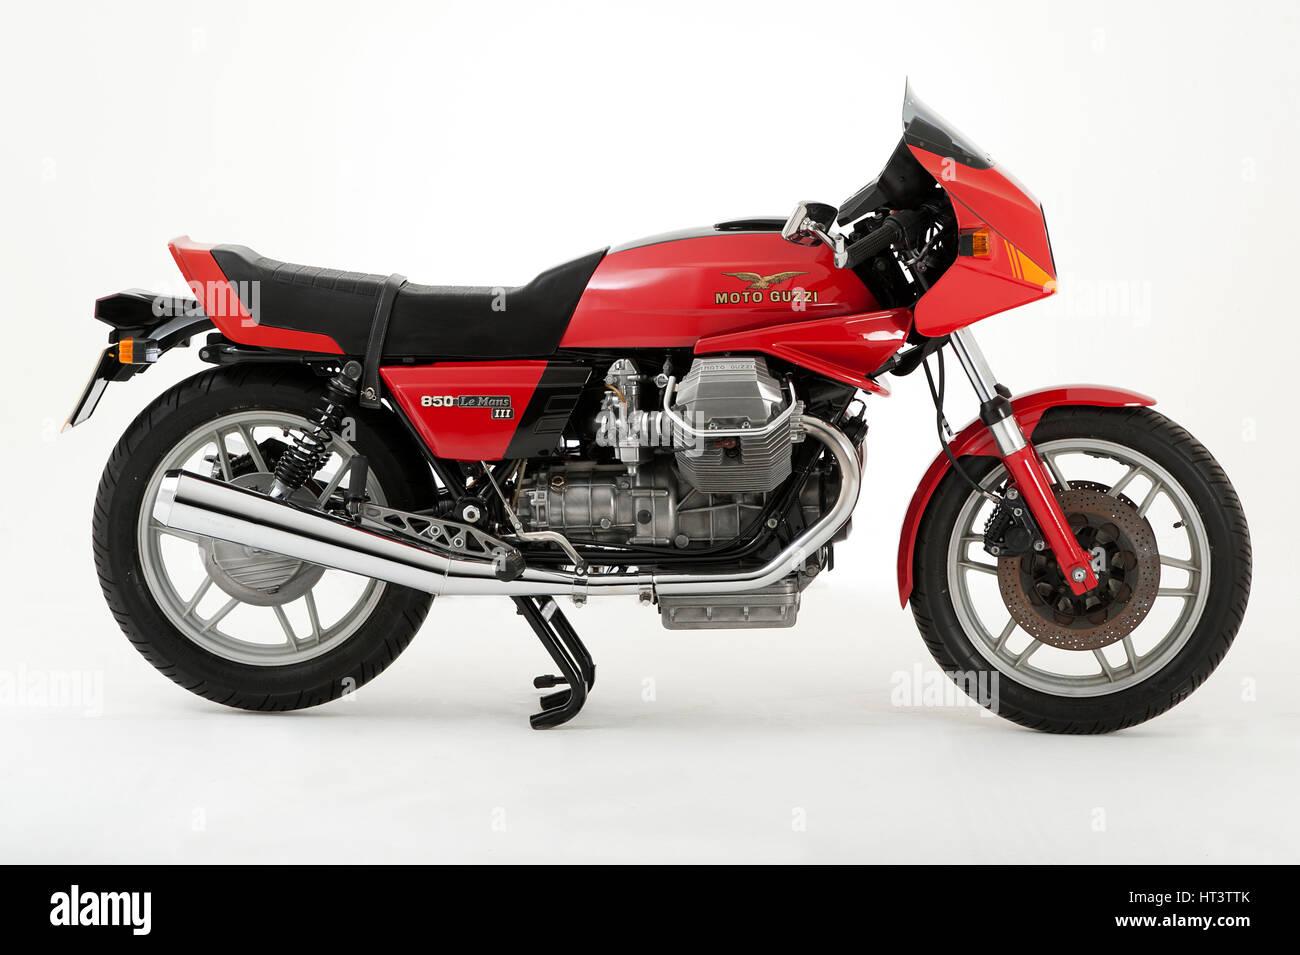 1984 Moto Guzzi 850 Le Mans Artist: Unknown. - Stock Image